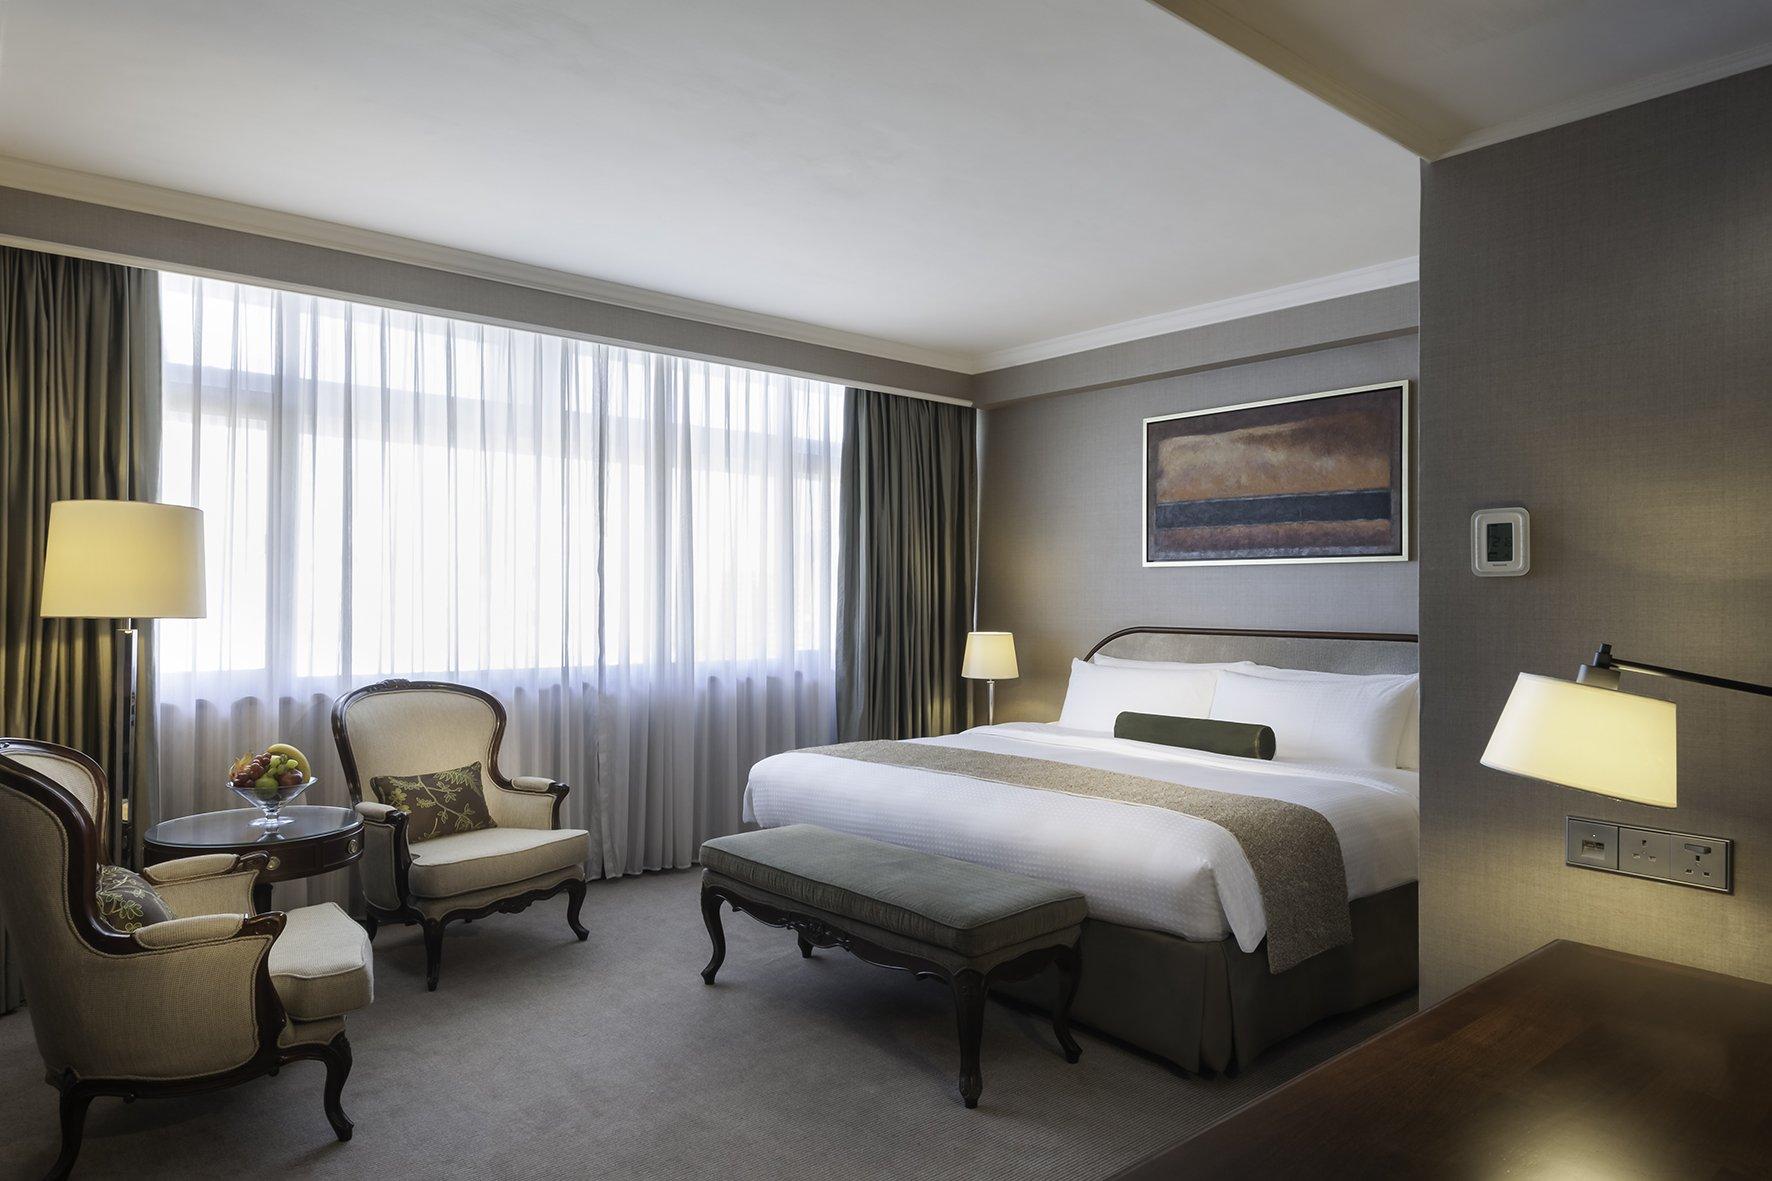 馬哥孛羅香港酒店 Marco Polo Hong Kong -豪華客房|饗樂 • 購物 • 悠閒之選 住宿優惠 (餐飲回贈價值港幣600元)